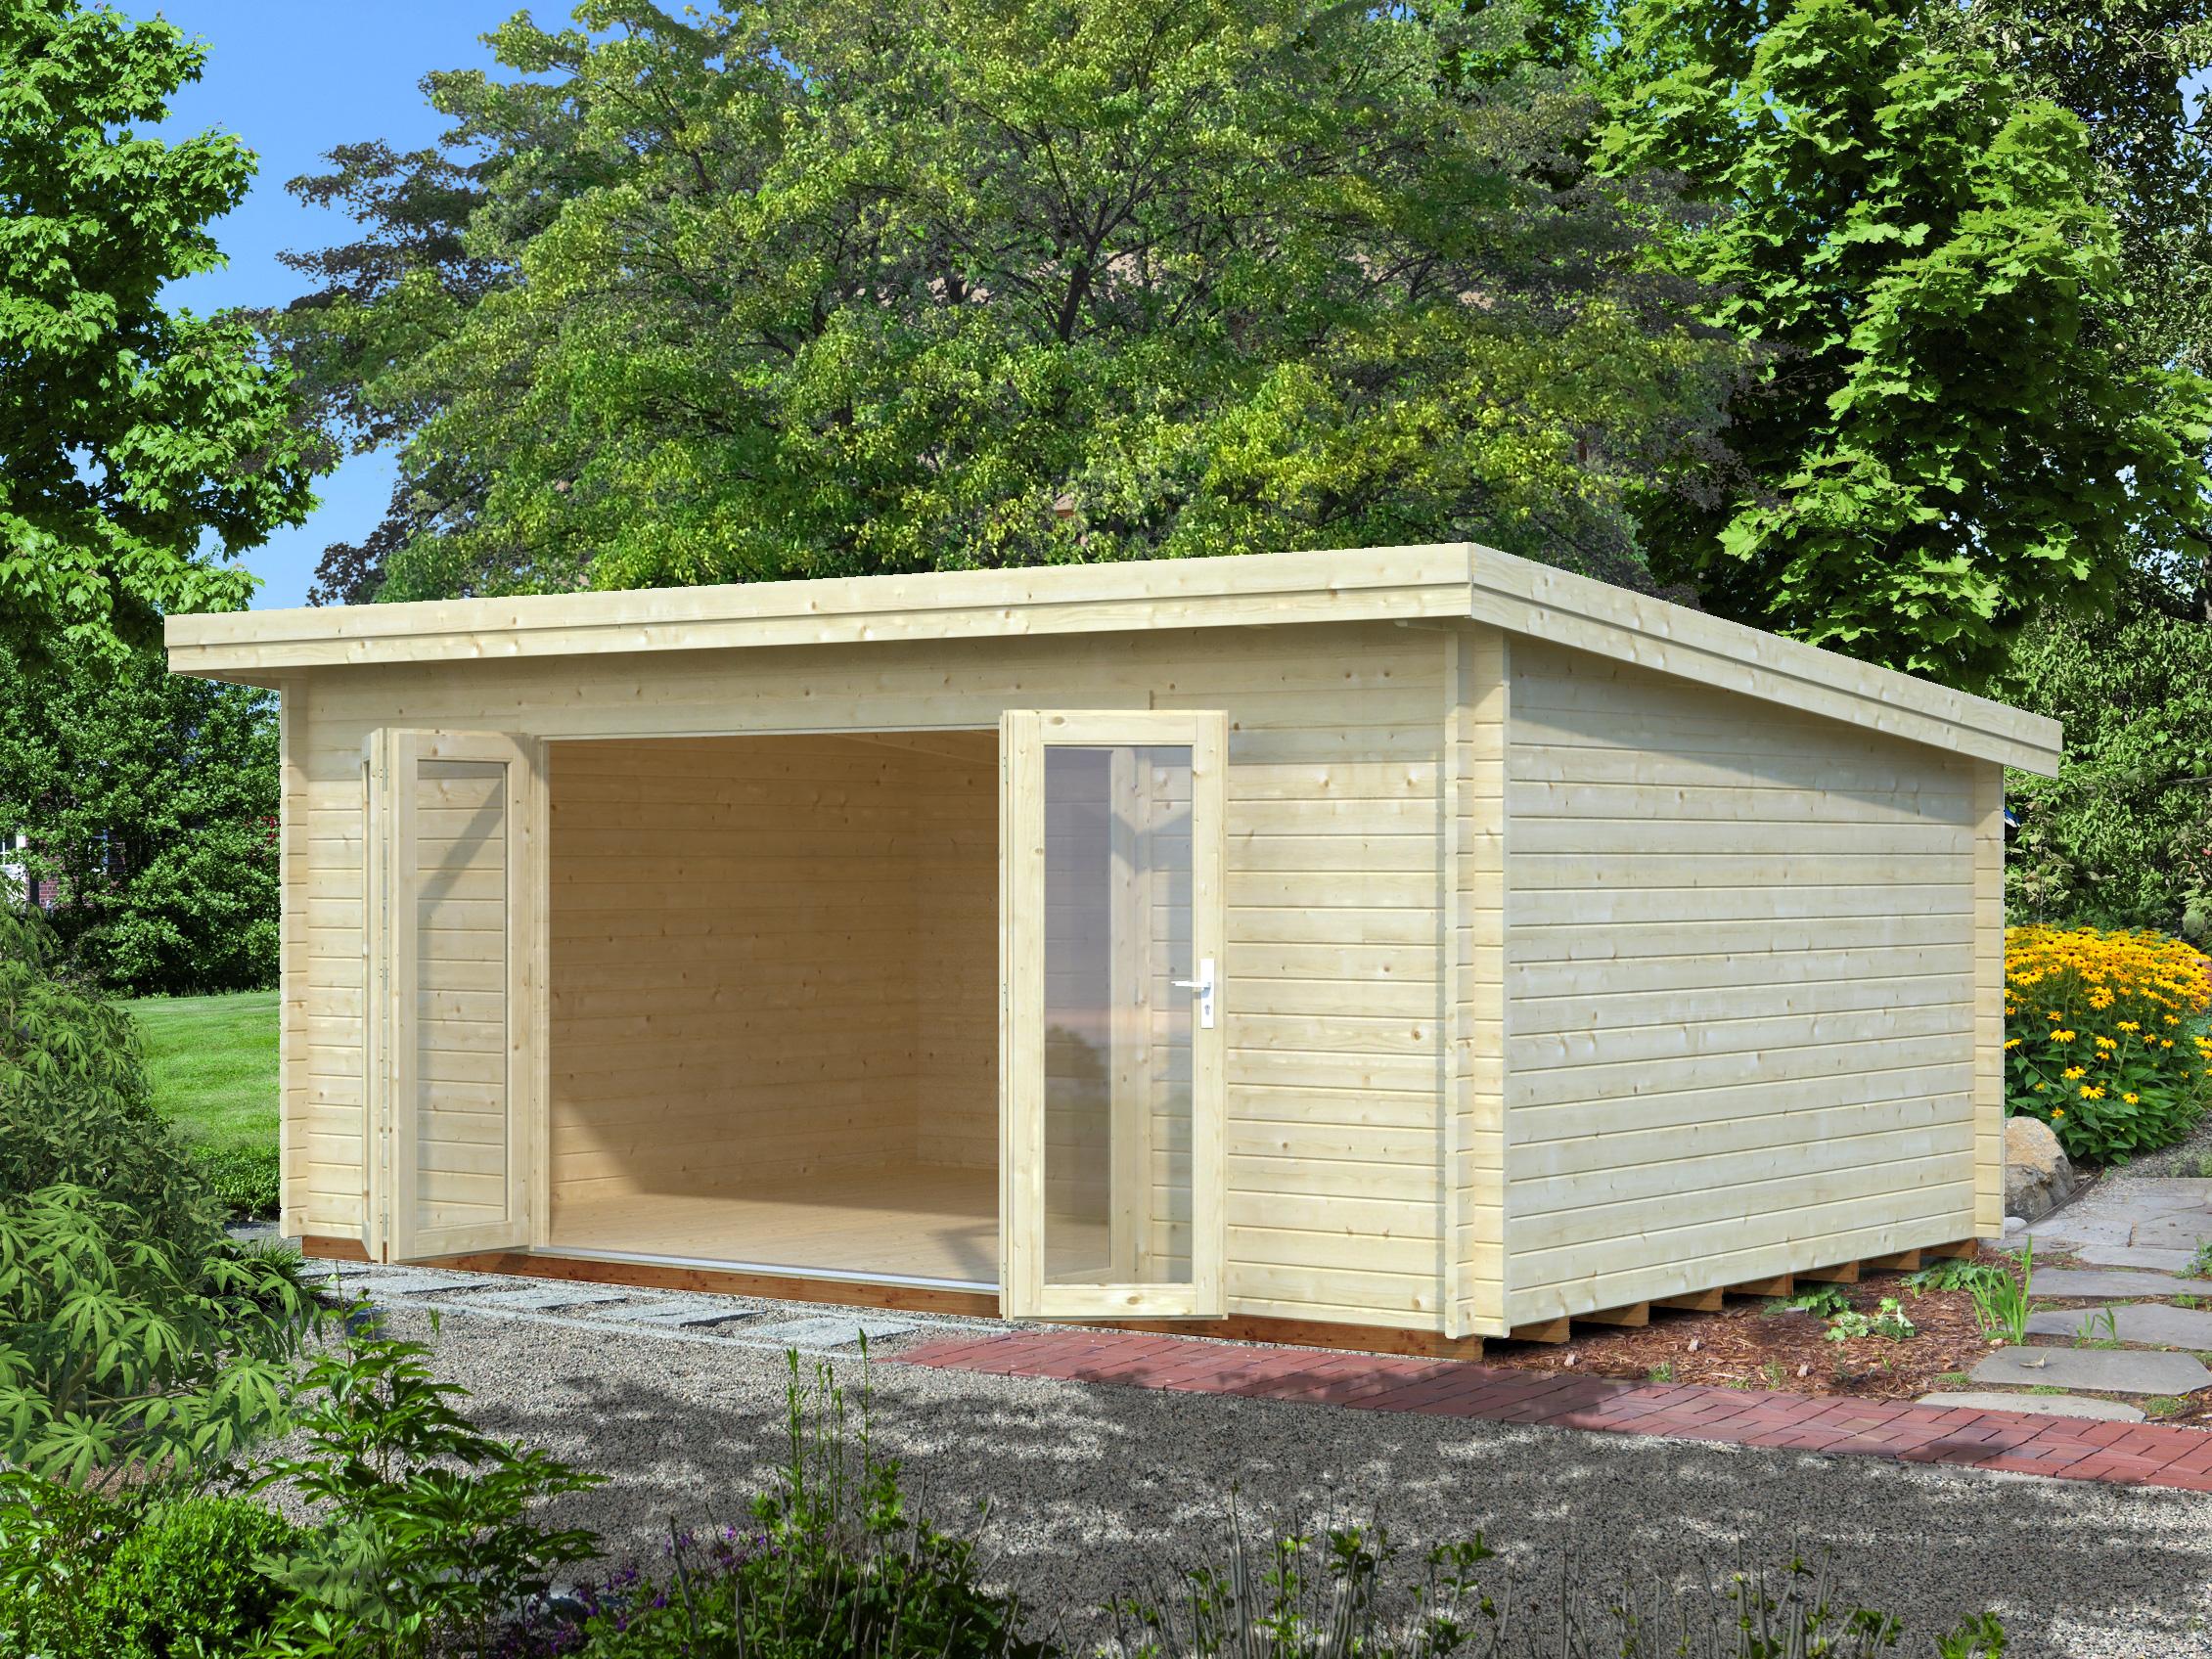 Abri de jardin lea 19 4m jardi aisne animalerie for Green garden rooms